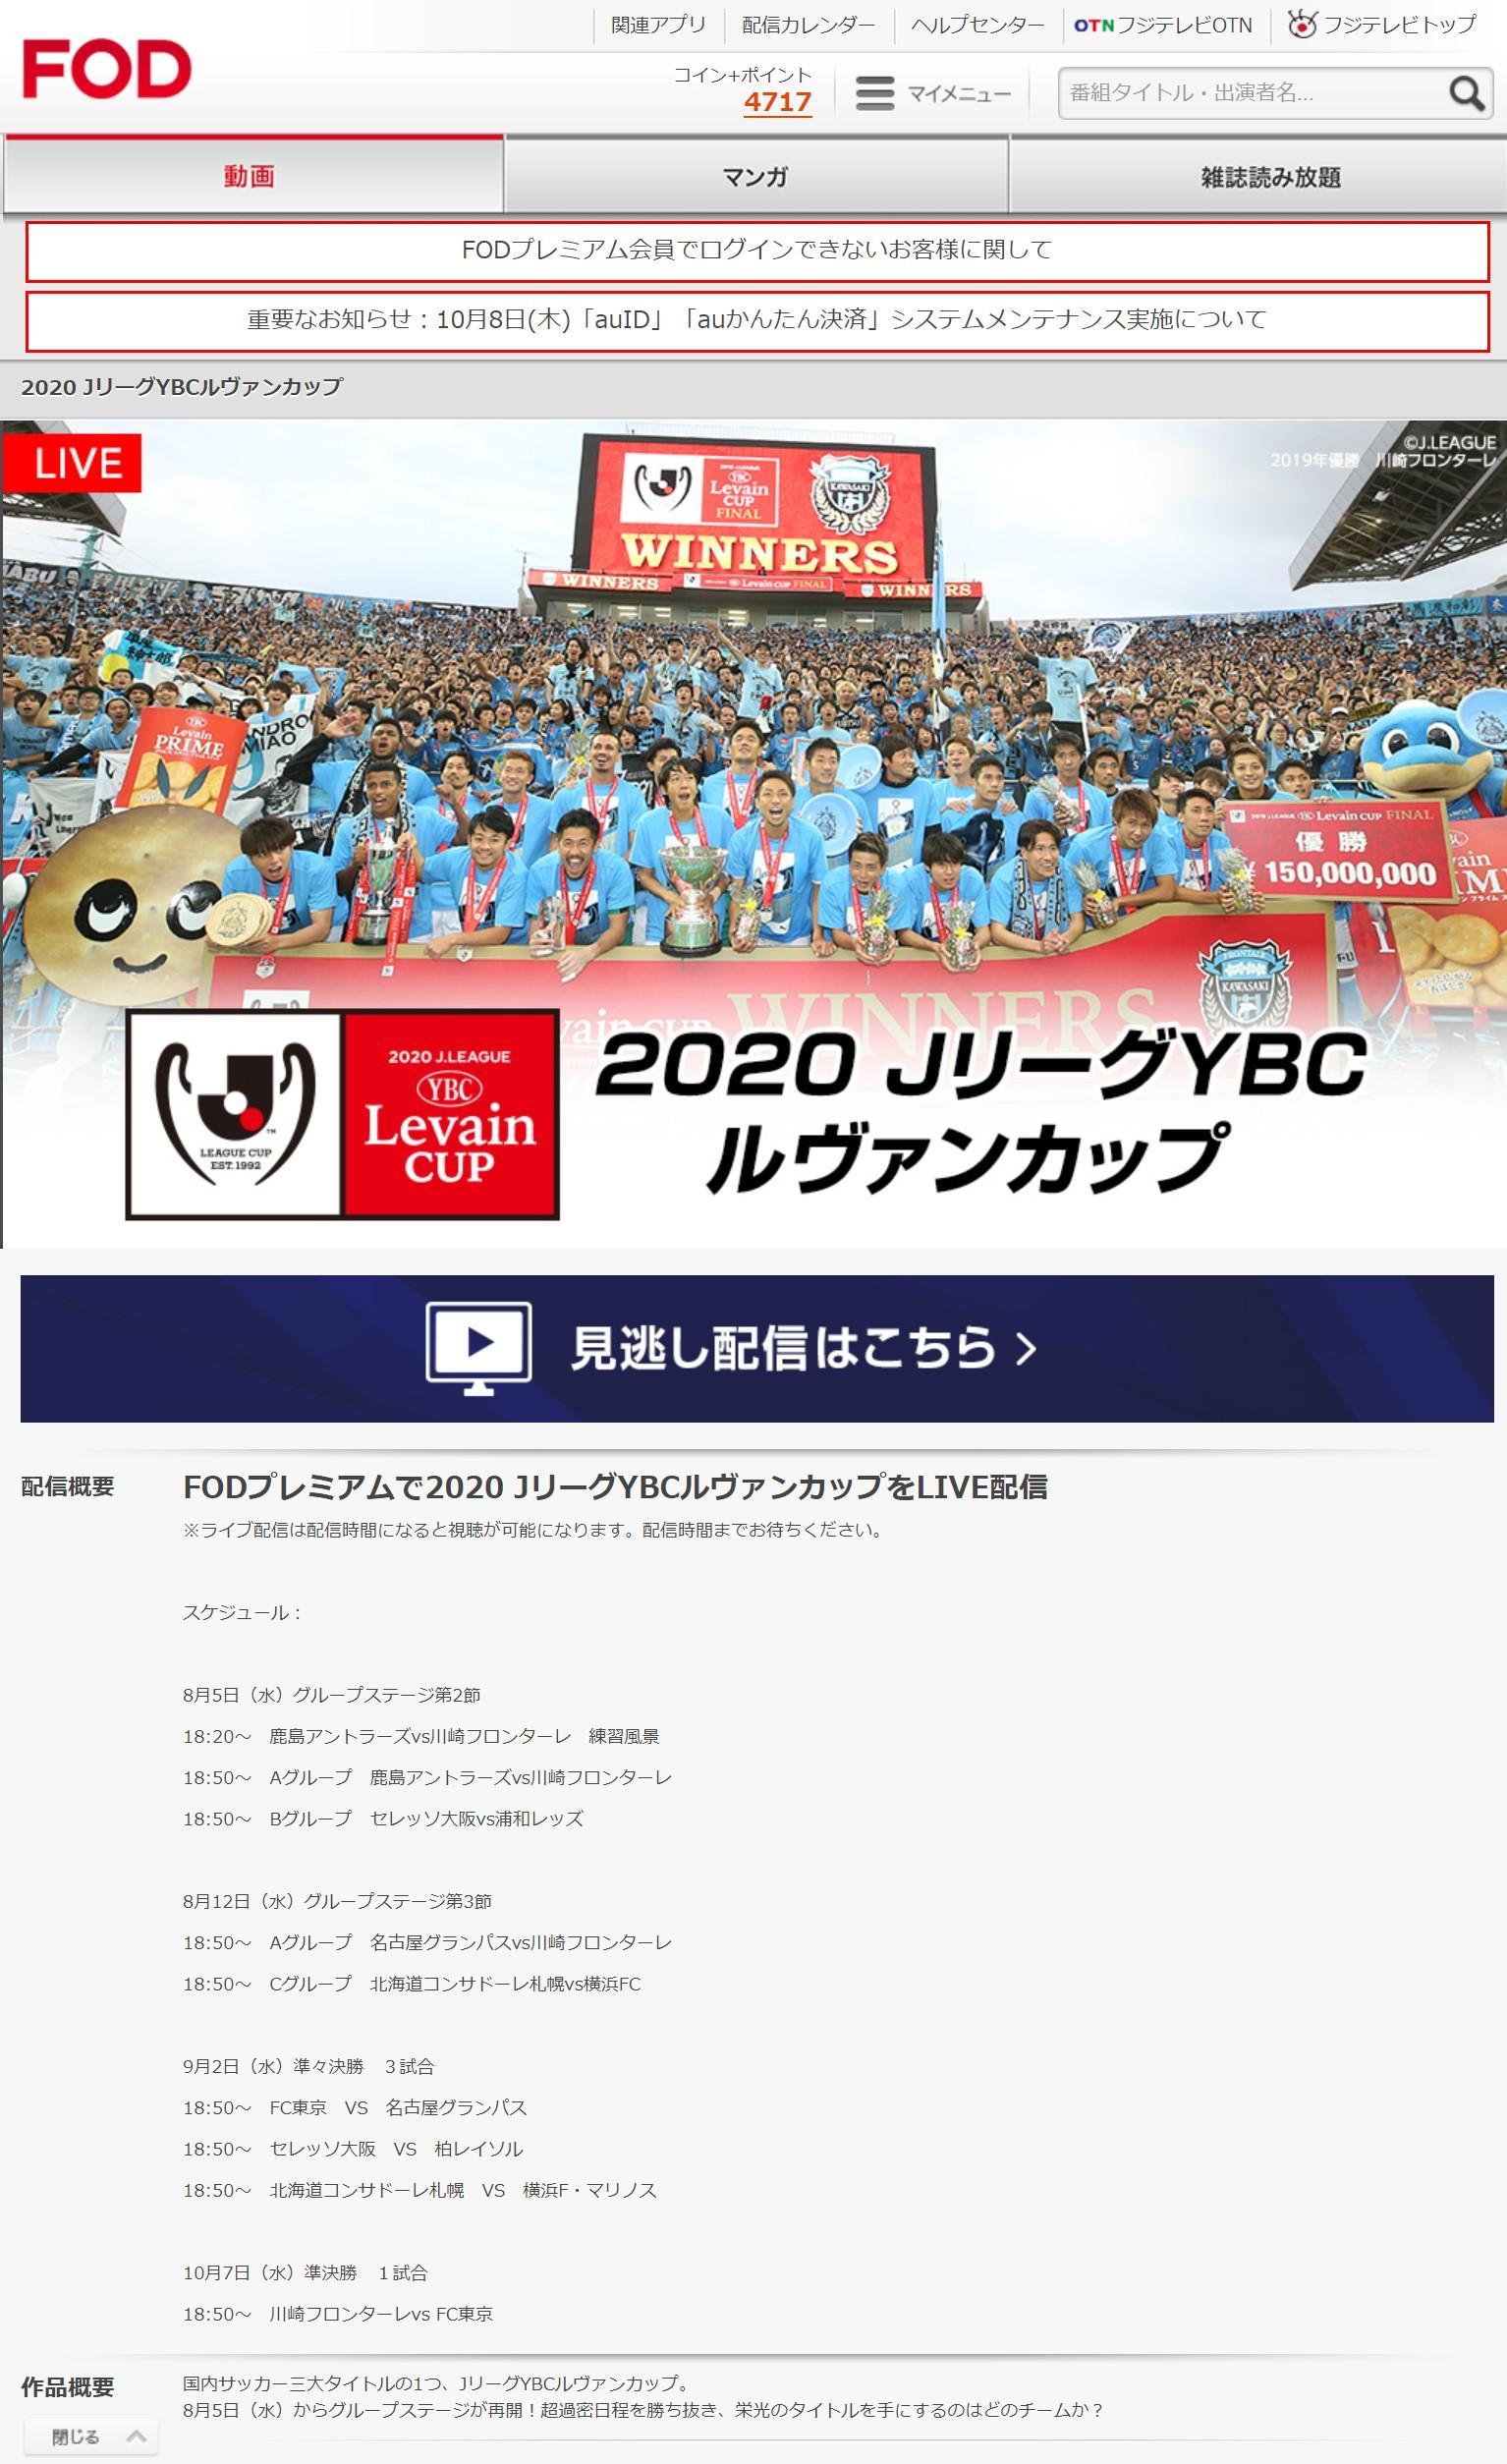 ルヴァンカップ2020準決勝のライブ生中継無料視聴方法FOD